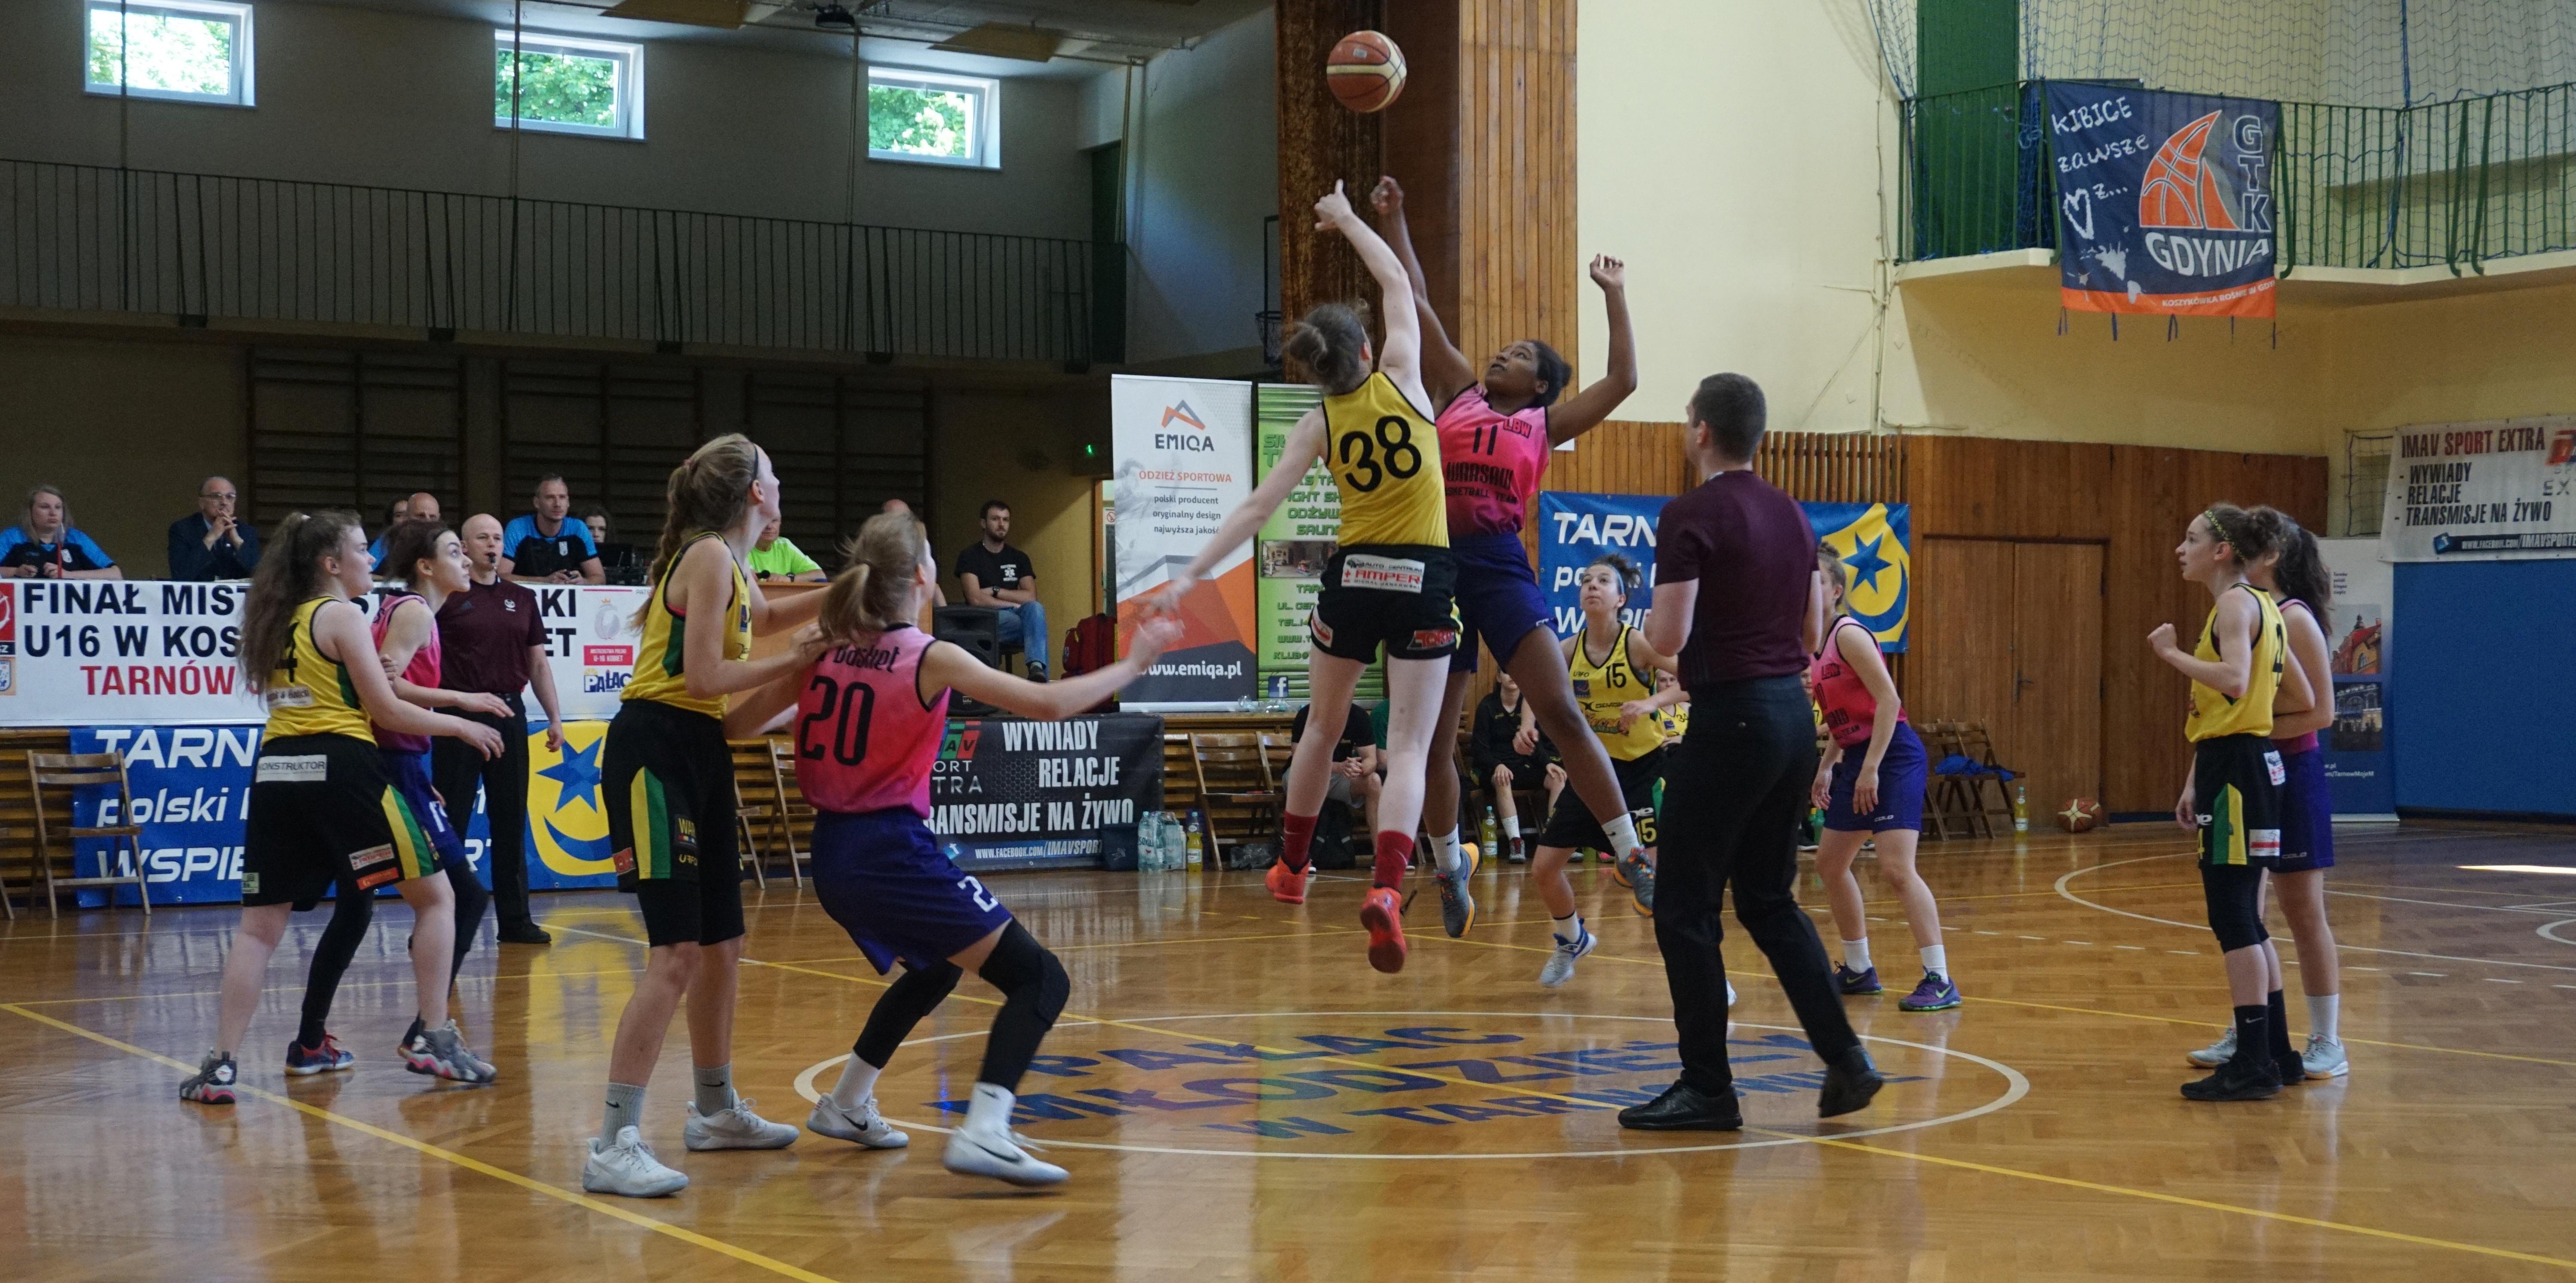 56e5055d7 W Tarnowie, w hali widowiskowo – sportowej Pałacu Młodzieży, od środy  trwają rozgrywki Finału Mistrzostw Polski U16 w koszykówce kobiet.